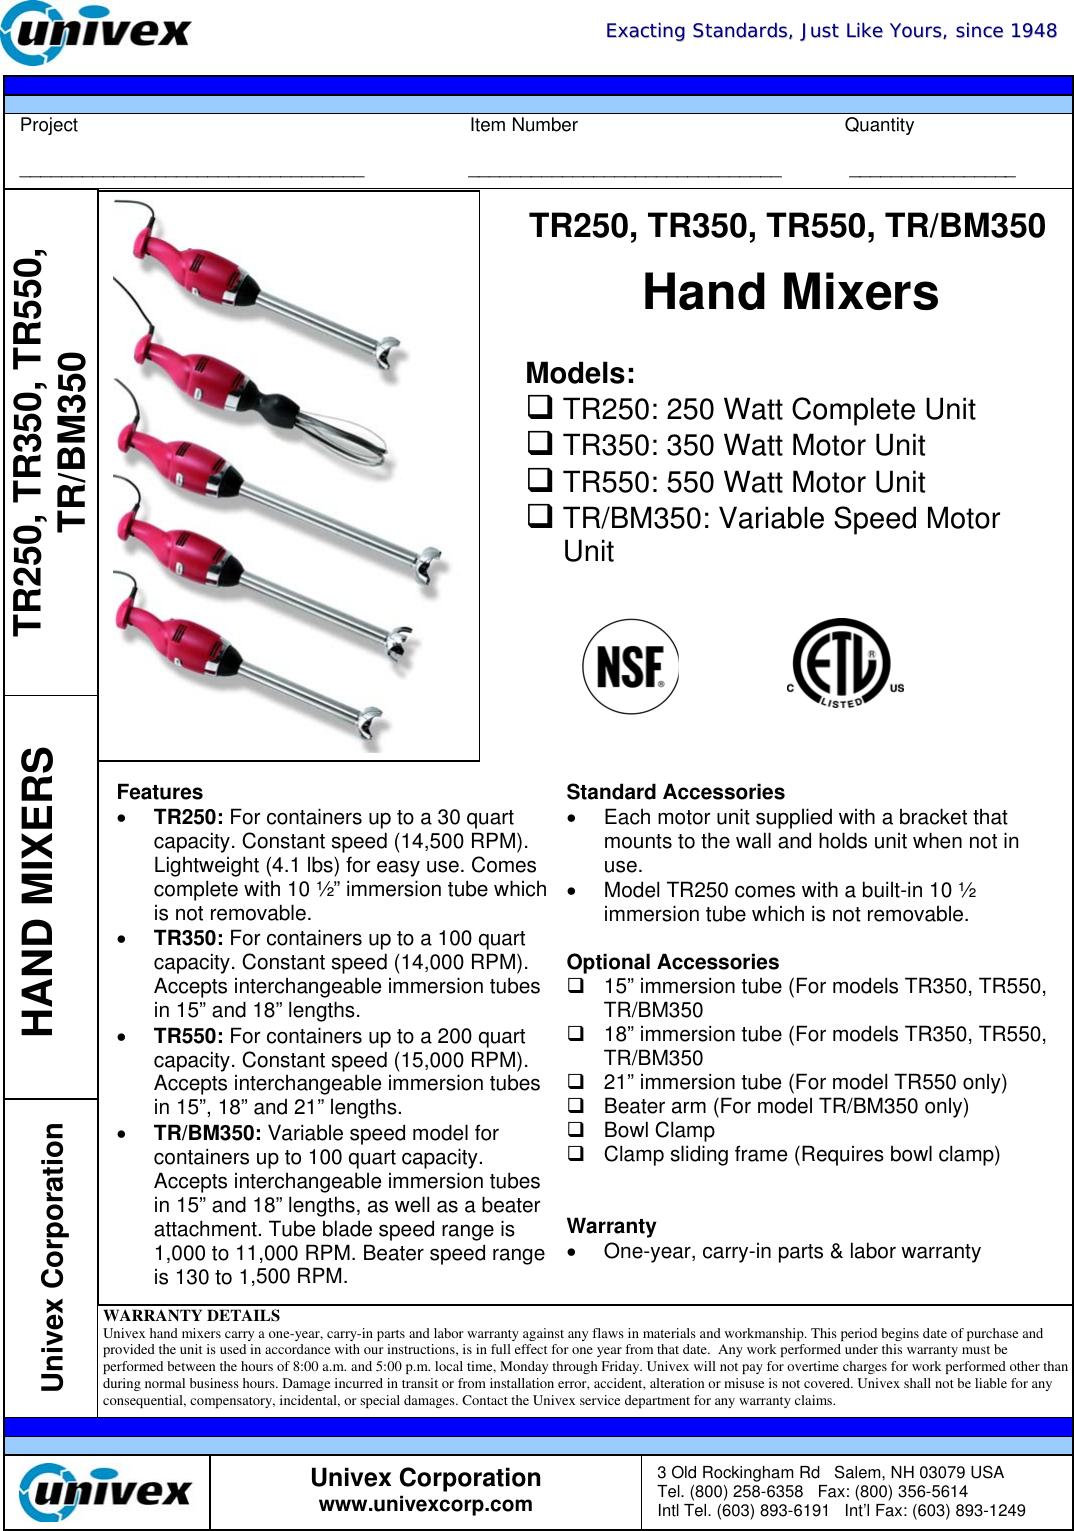 univex tr bm350 users manual hand mixers rh usermanual wiki Univex M20 Univex MG8912